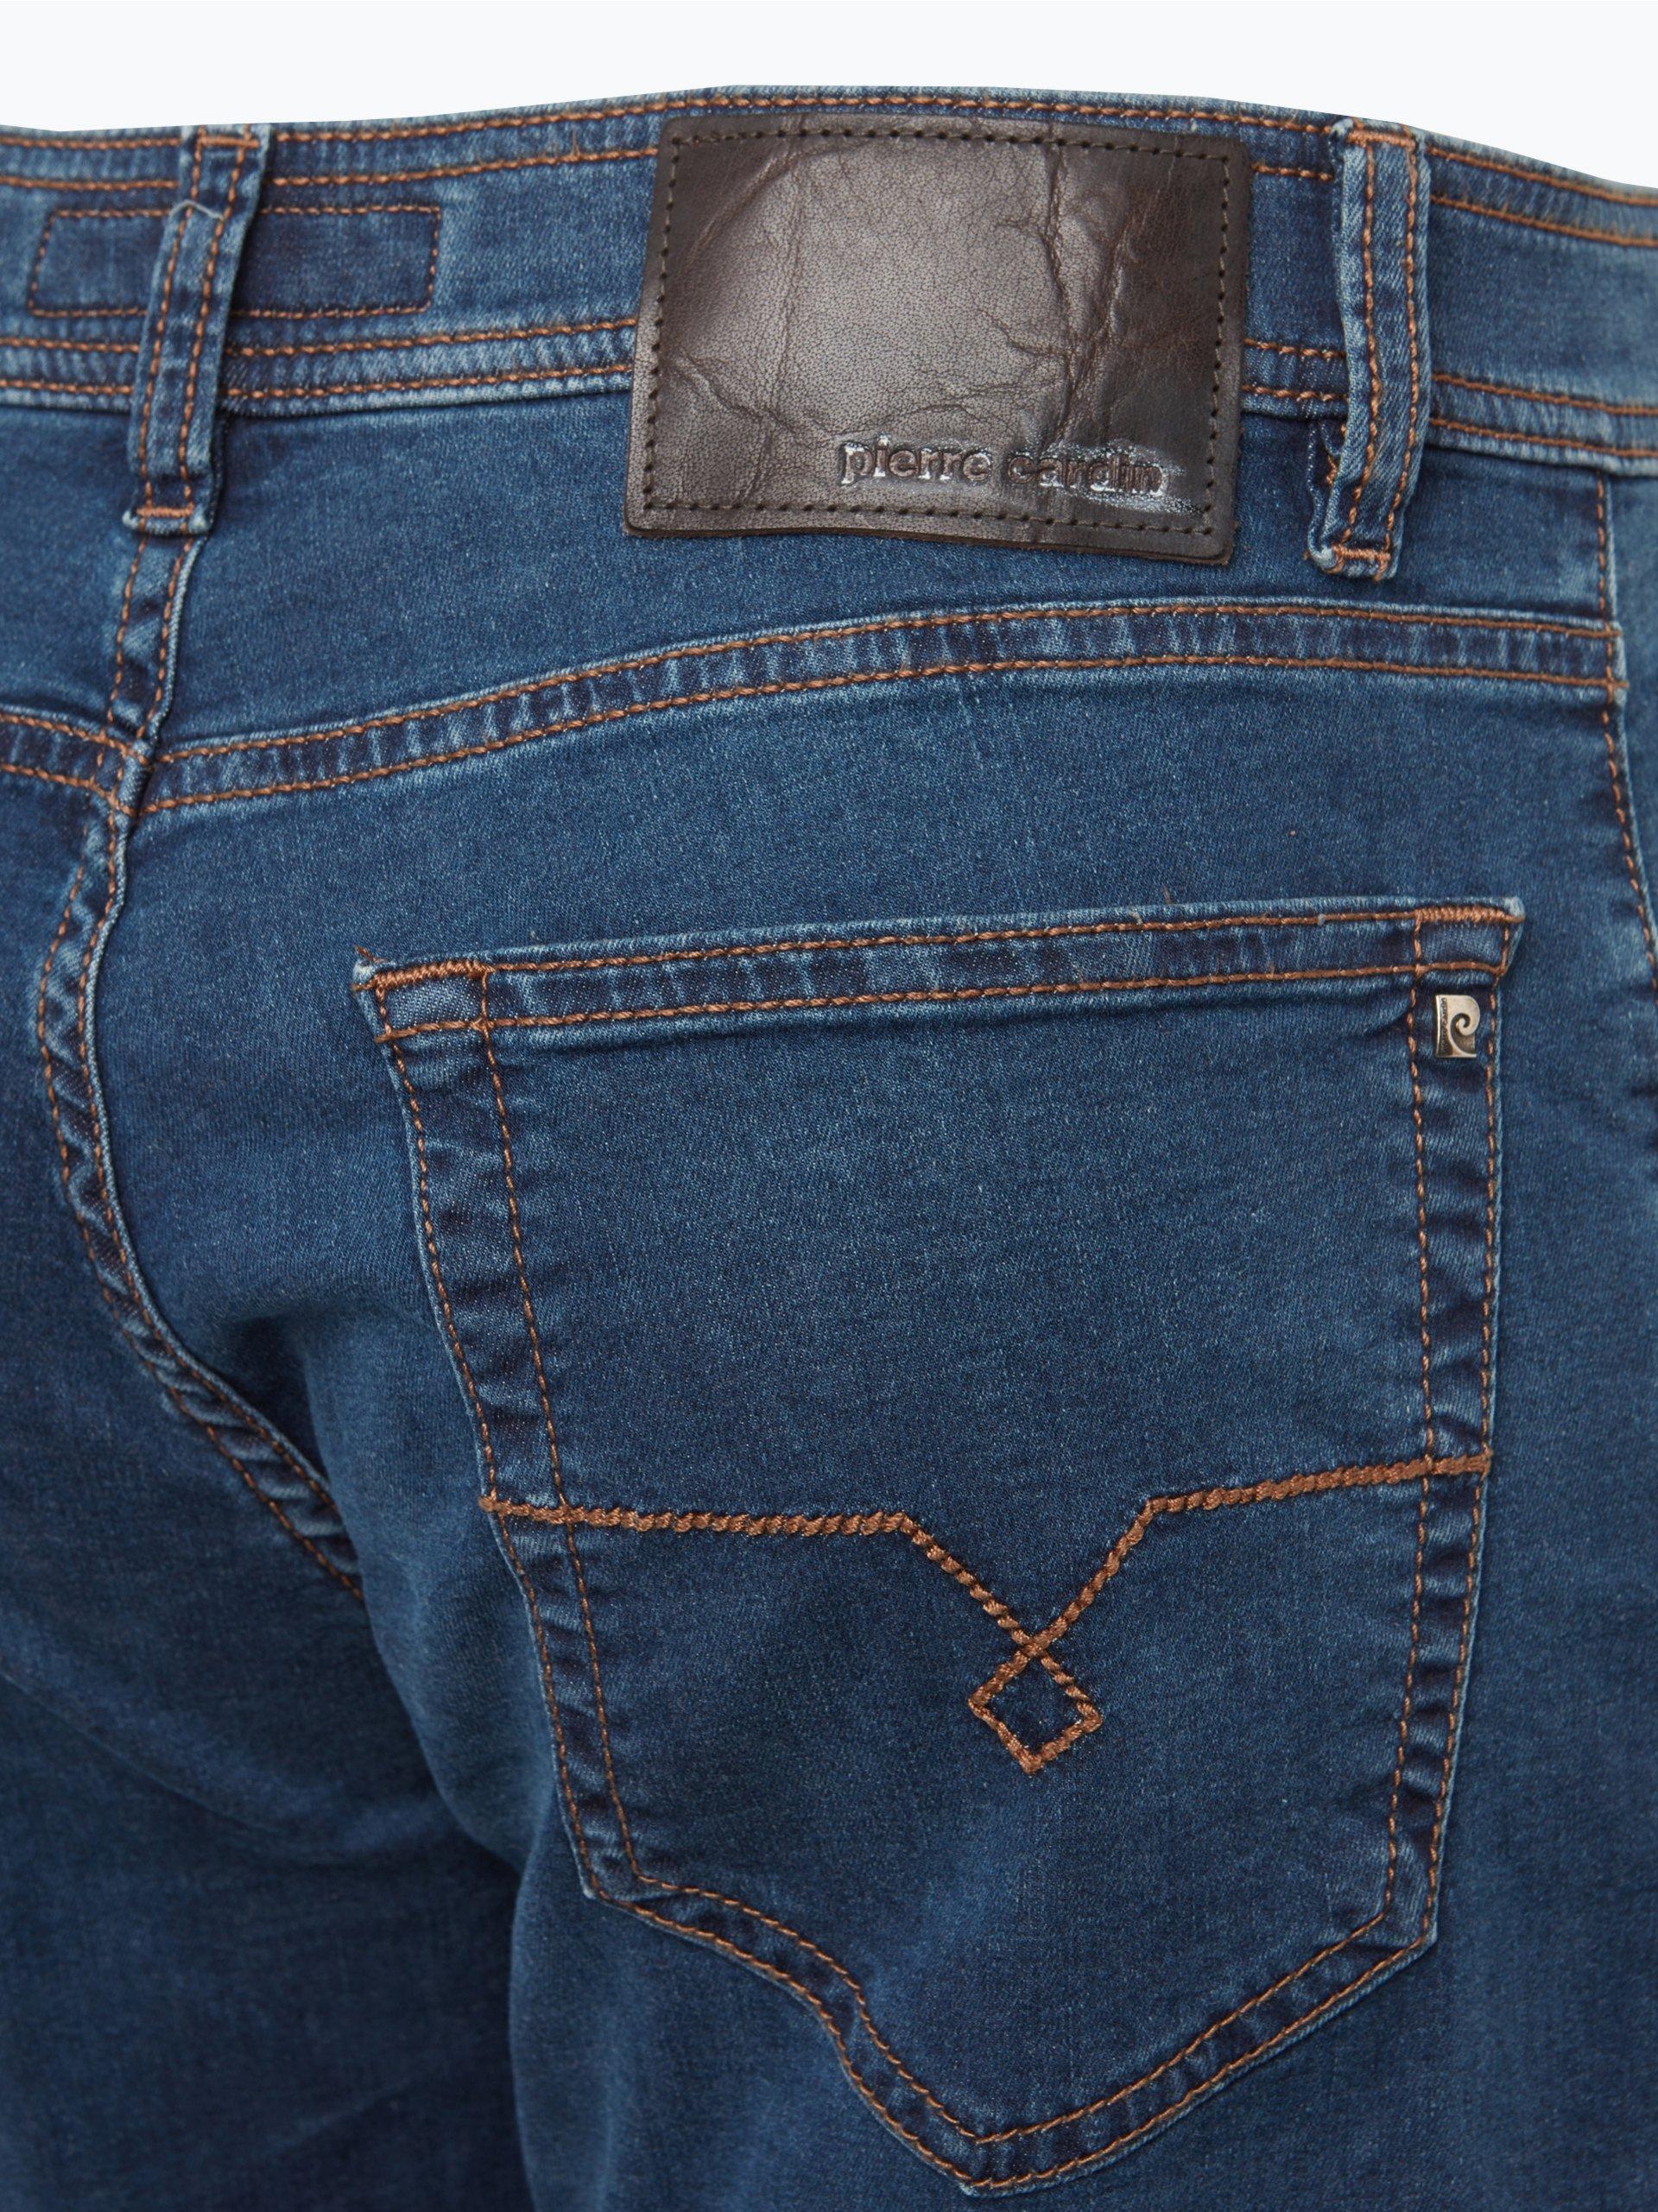 pierre cardin herren jeans deauville dark stone uni online kaufen peek und cloppenburg de. Black Bedroom Furniture Sets. Home Design Ideas